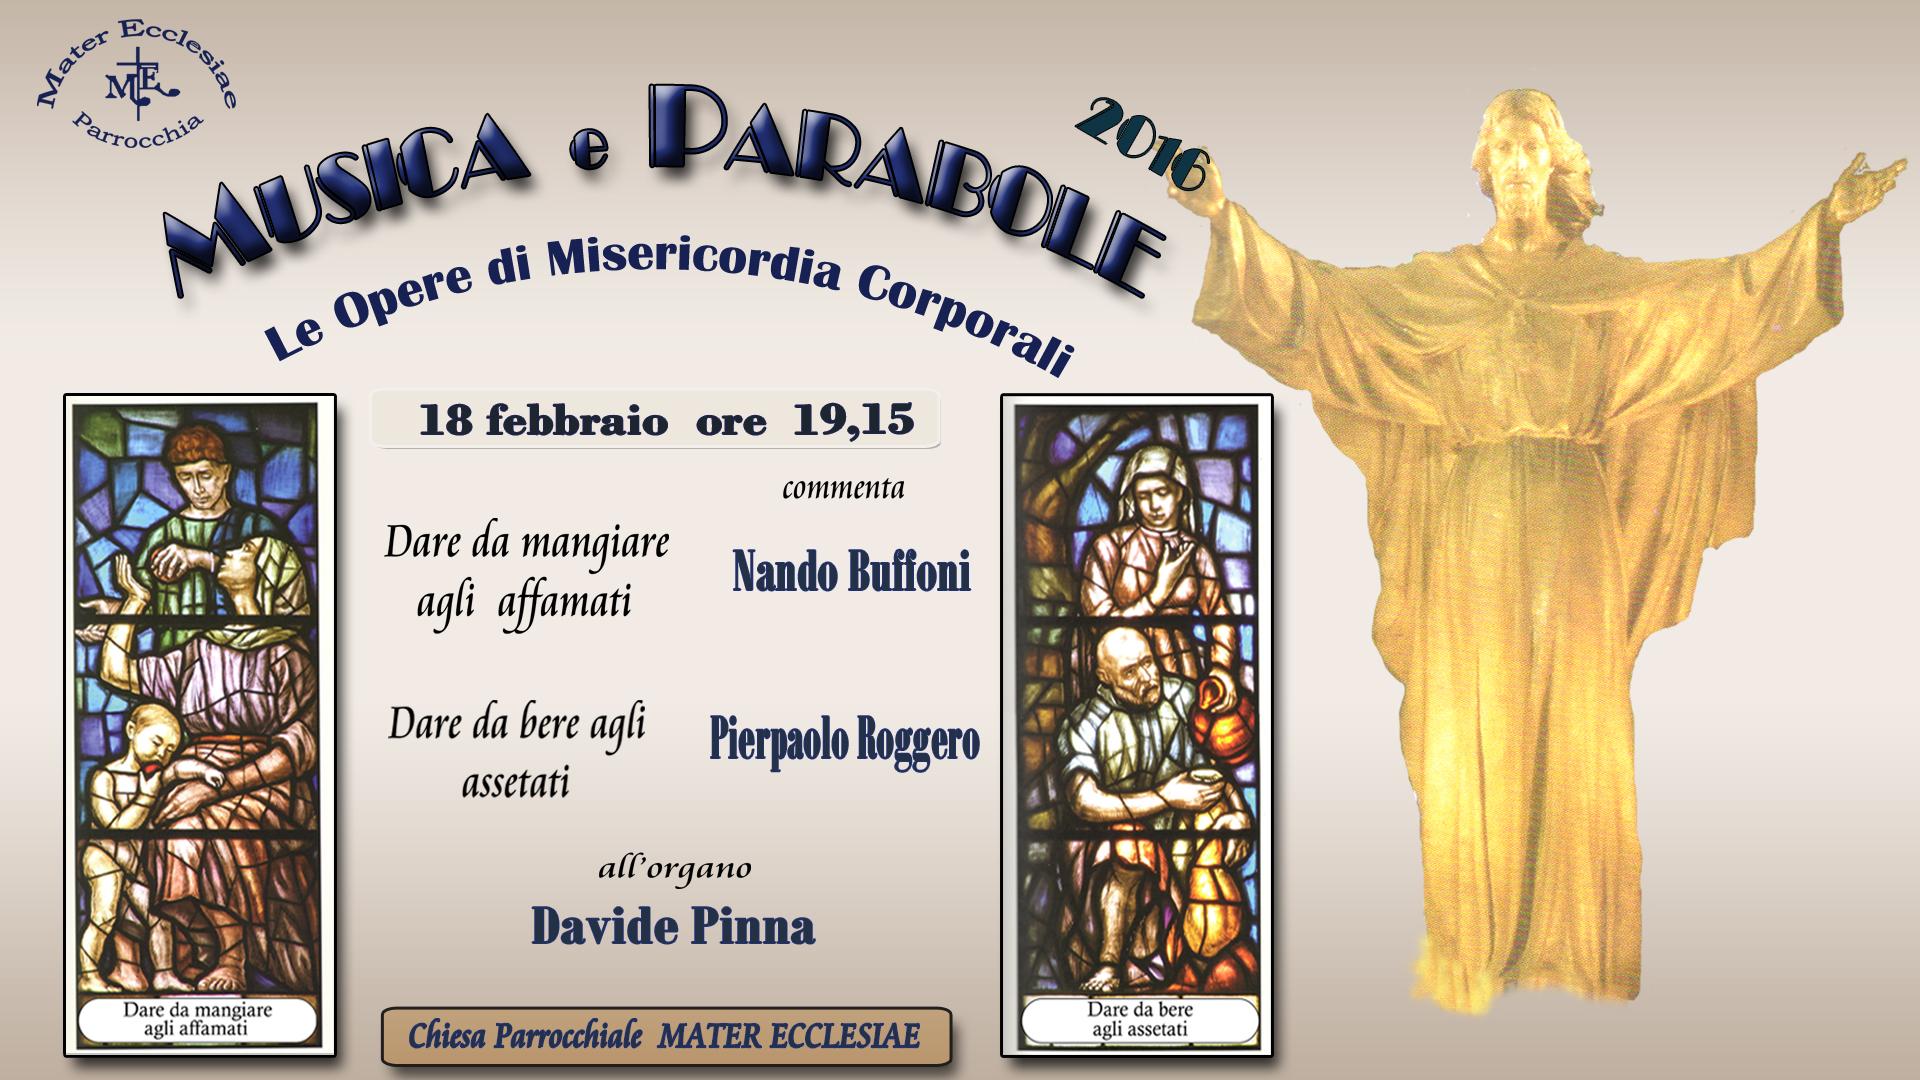 Musica e Parabole 2016 Parrocchia di Mater Ecclesiae Sassari, appuntamento che precede la Quaresima e che unisce la lettura e il commento delle parabole di Gesù alla piacevole distrazione musicale offerta da esperti musicisti e piccoli musicanti in erba.